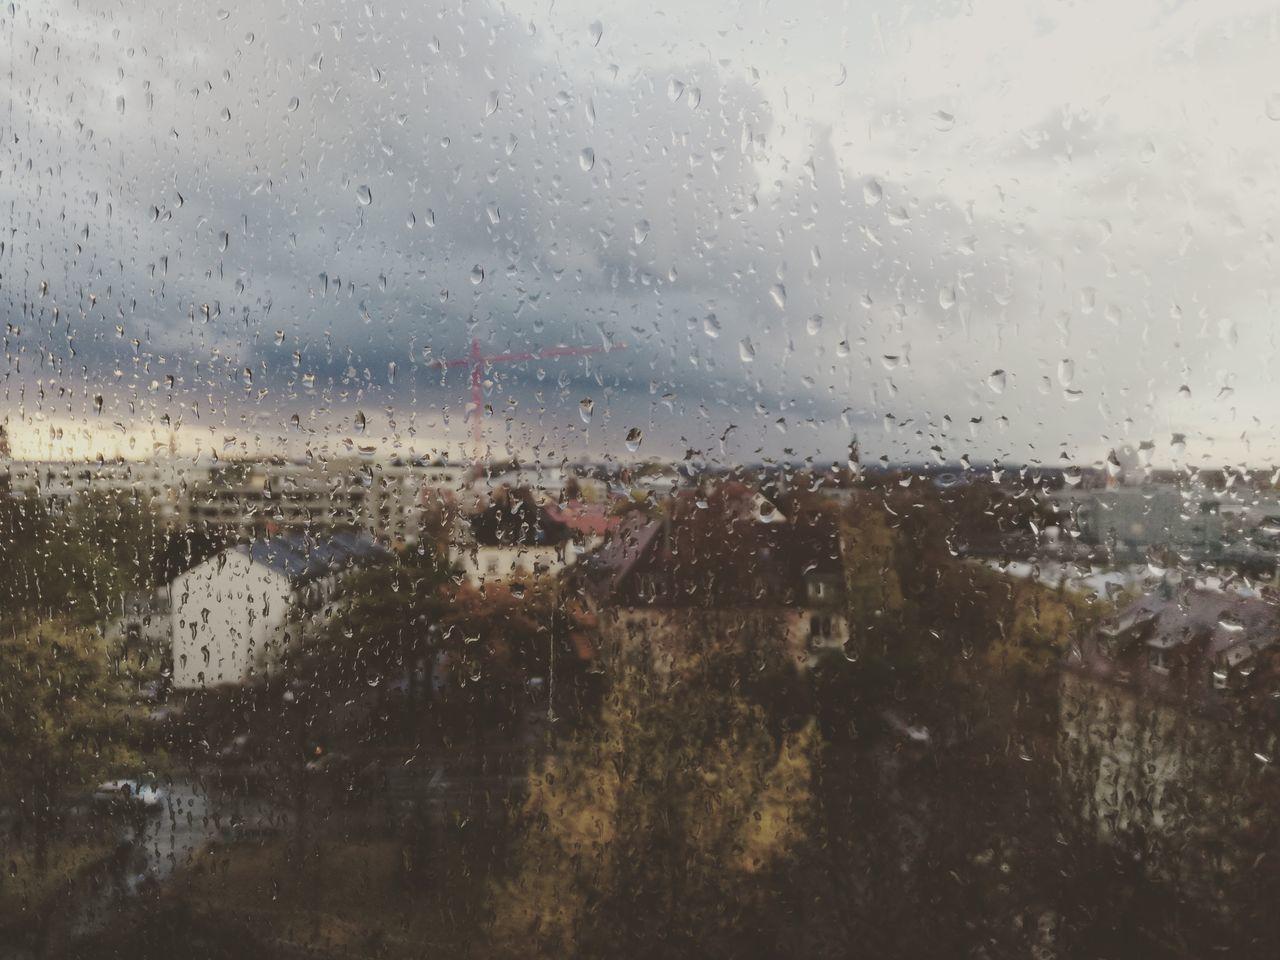 CITY SEEN THROUGH WET WINDOW GLASS